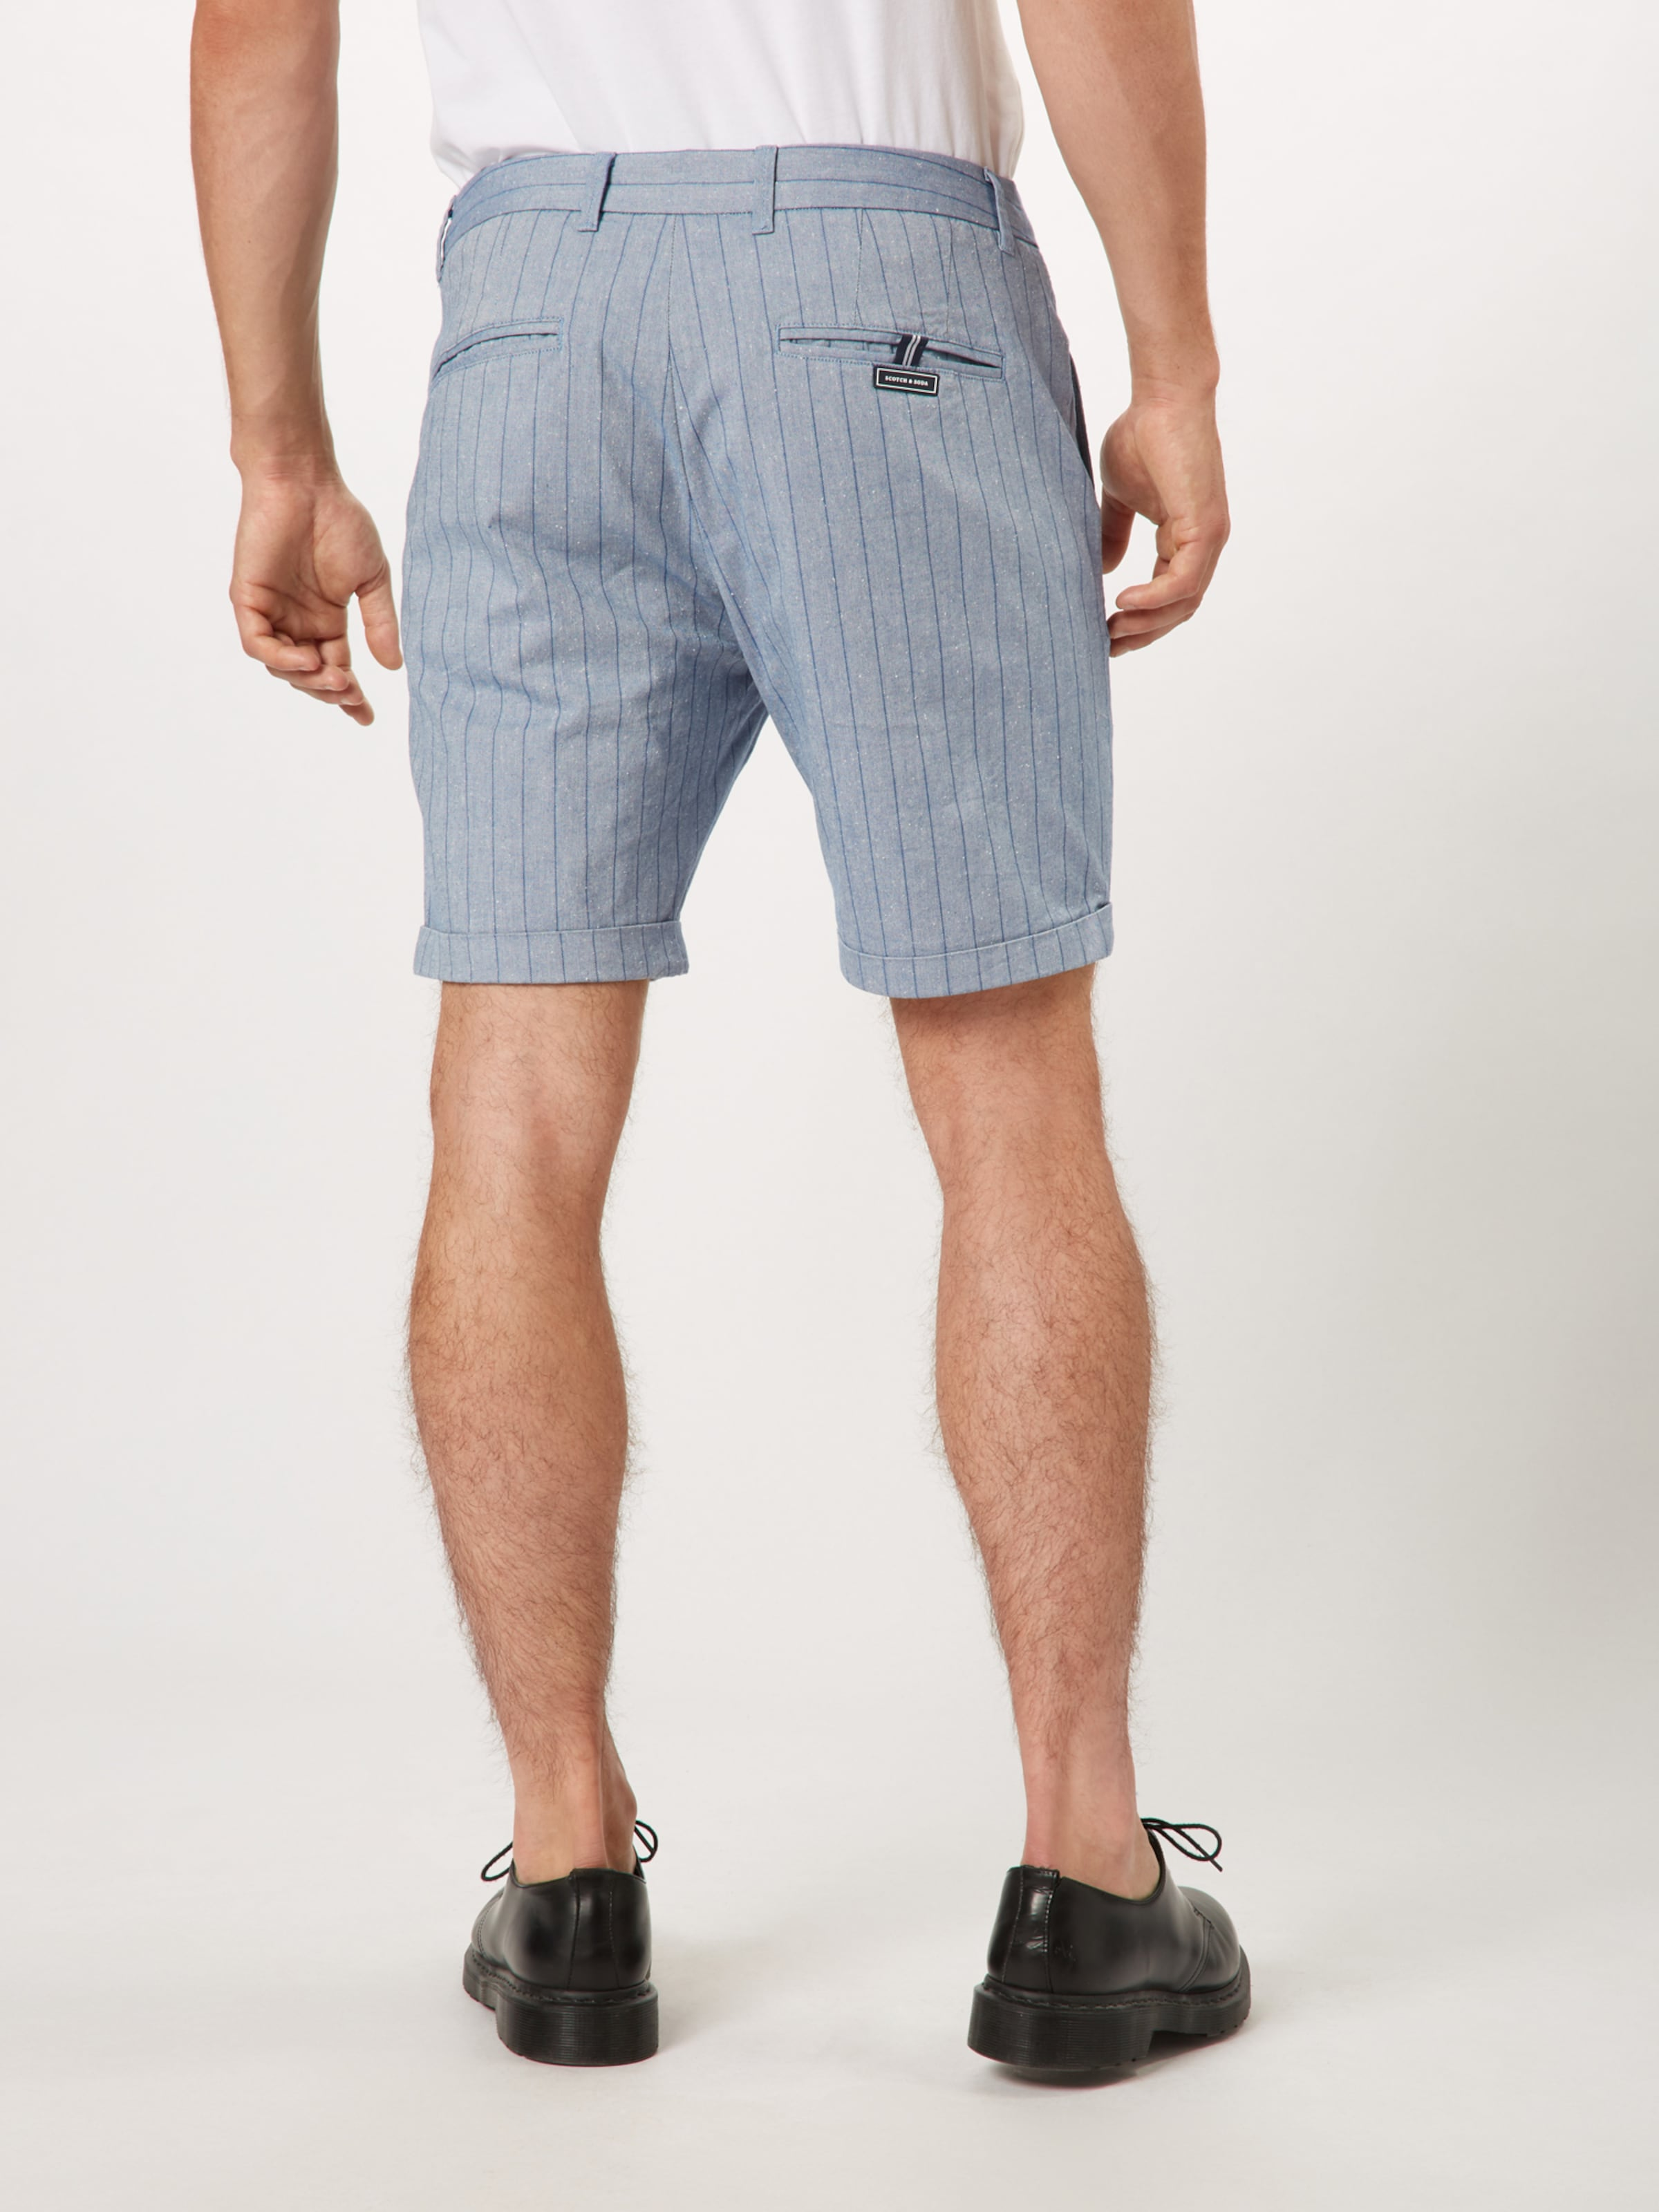 Shorts Soda Scotchamp; Soda In Scotchamp; Shorts In Hellblau 6gvmIYybf7